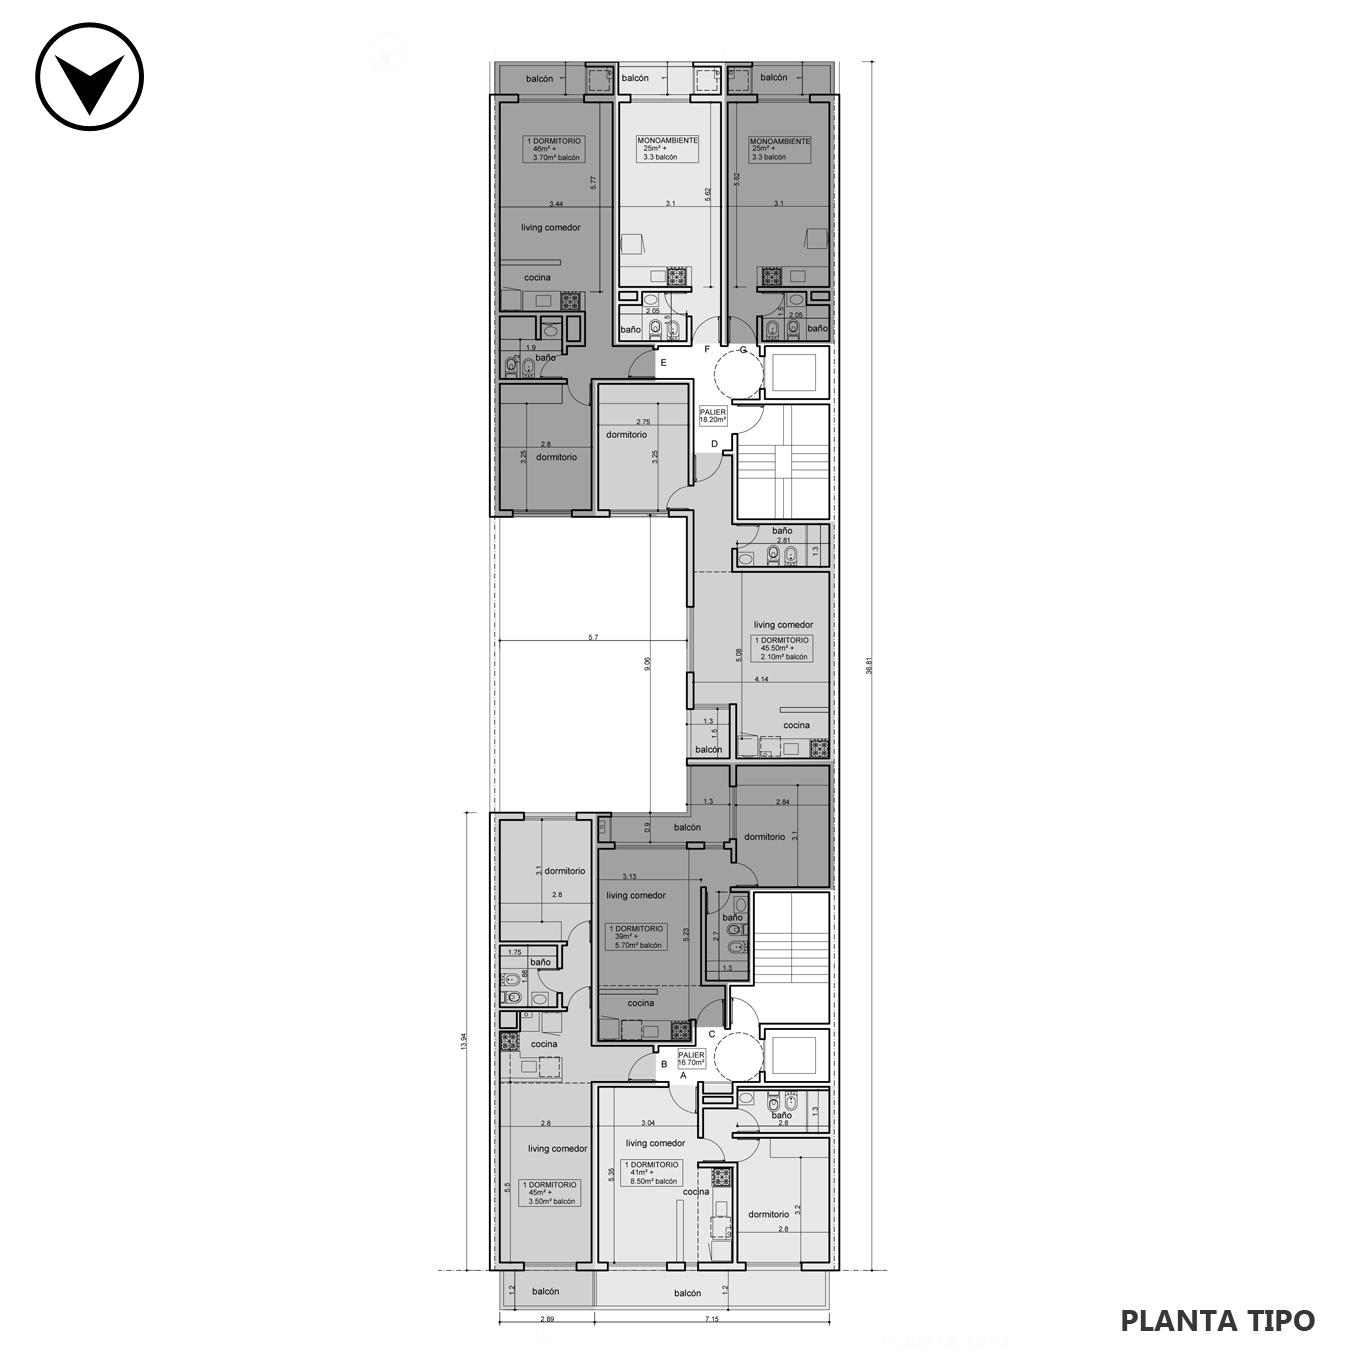 Venta departamento 1 dormitorio Rosario, Centro. Cod CBU24743 AP2302113. Crestale Propiedades